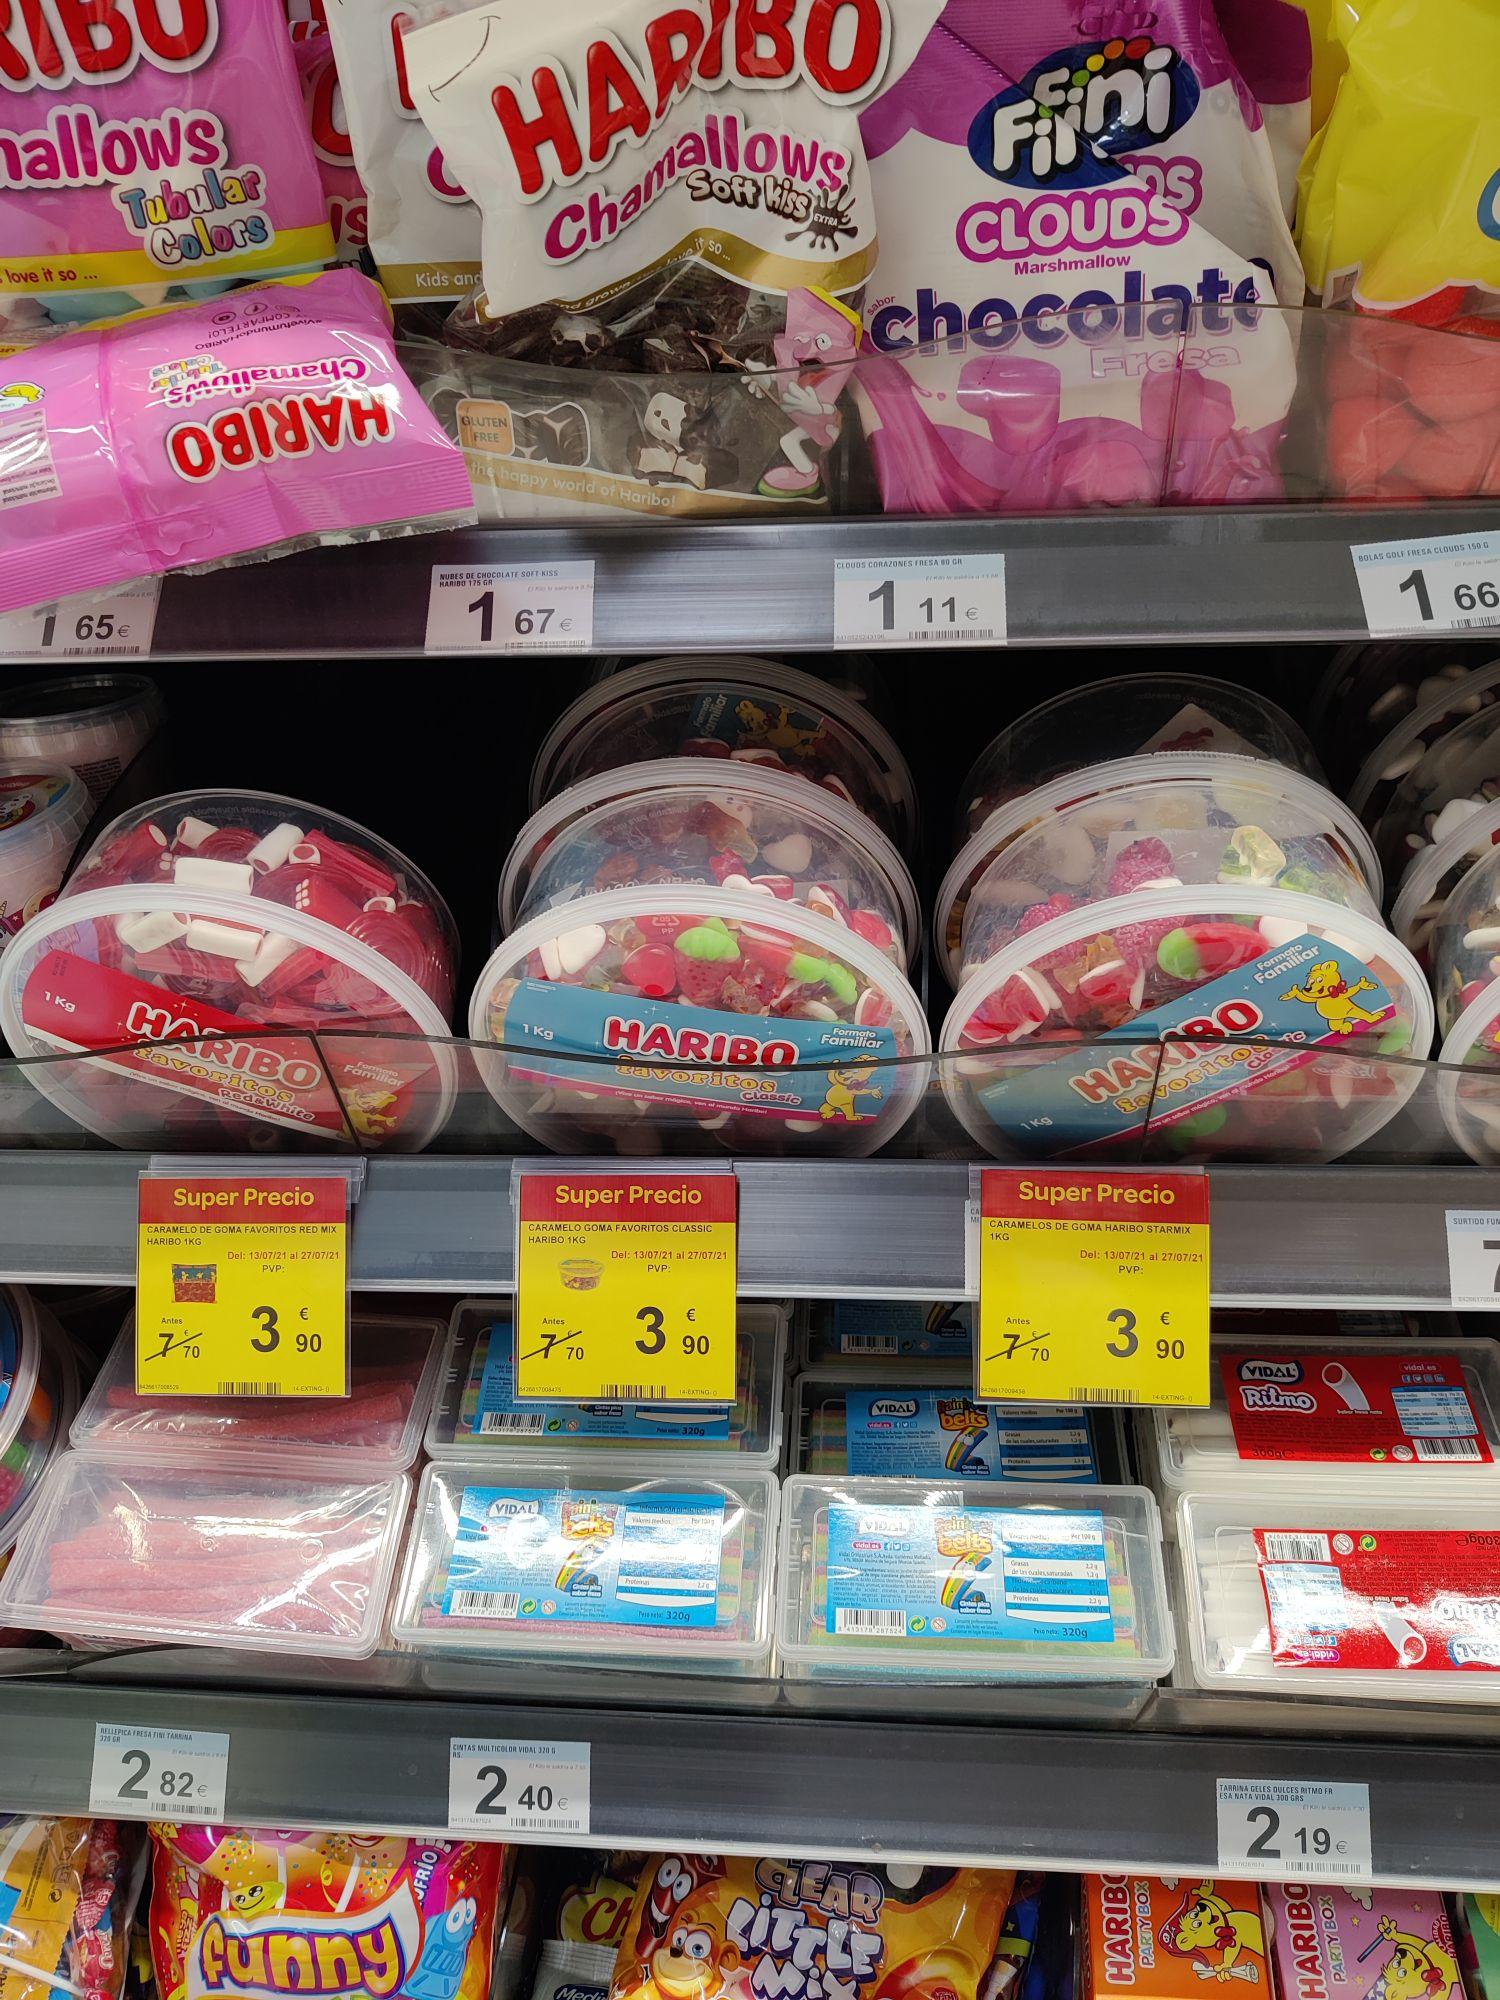 Surtidos de gominolas Haribo 1kg (Carrefour Úbeda)